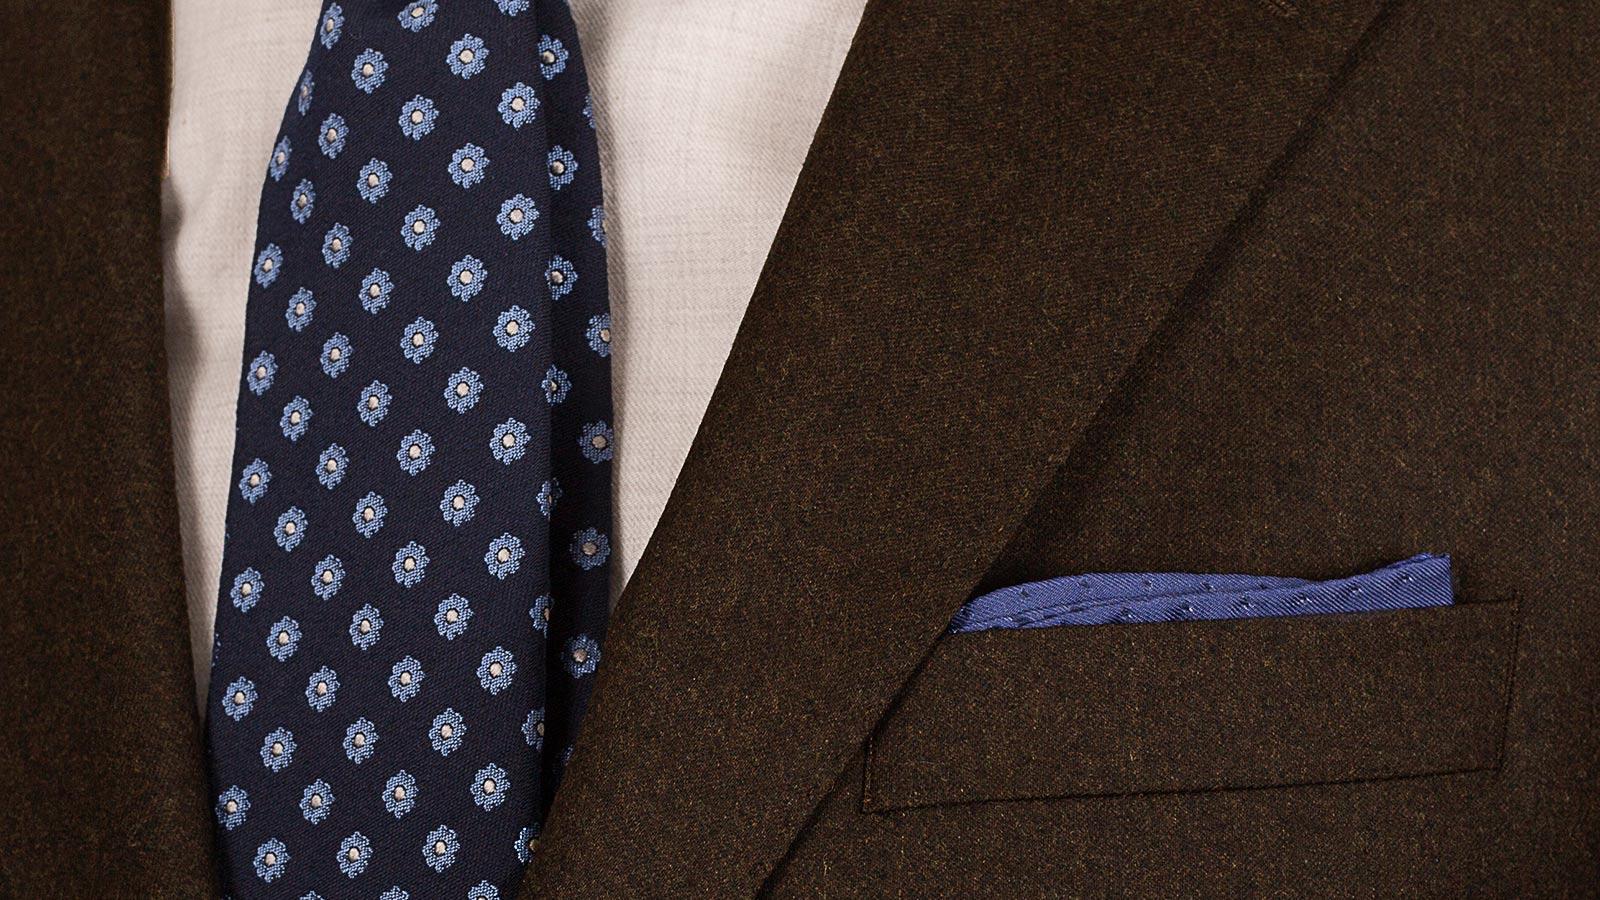 Brown Wool Flannel Suit - slider image 1